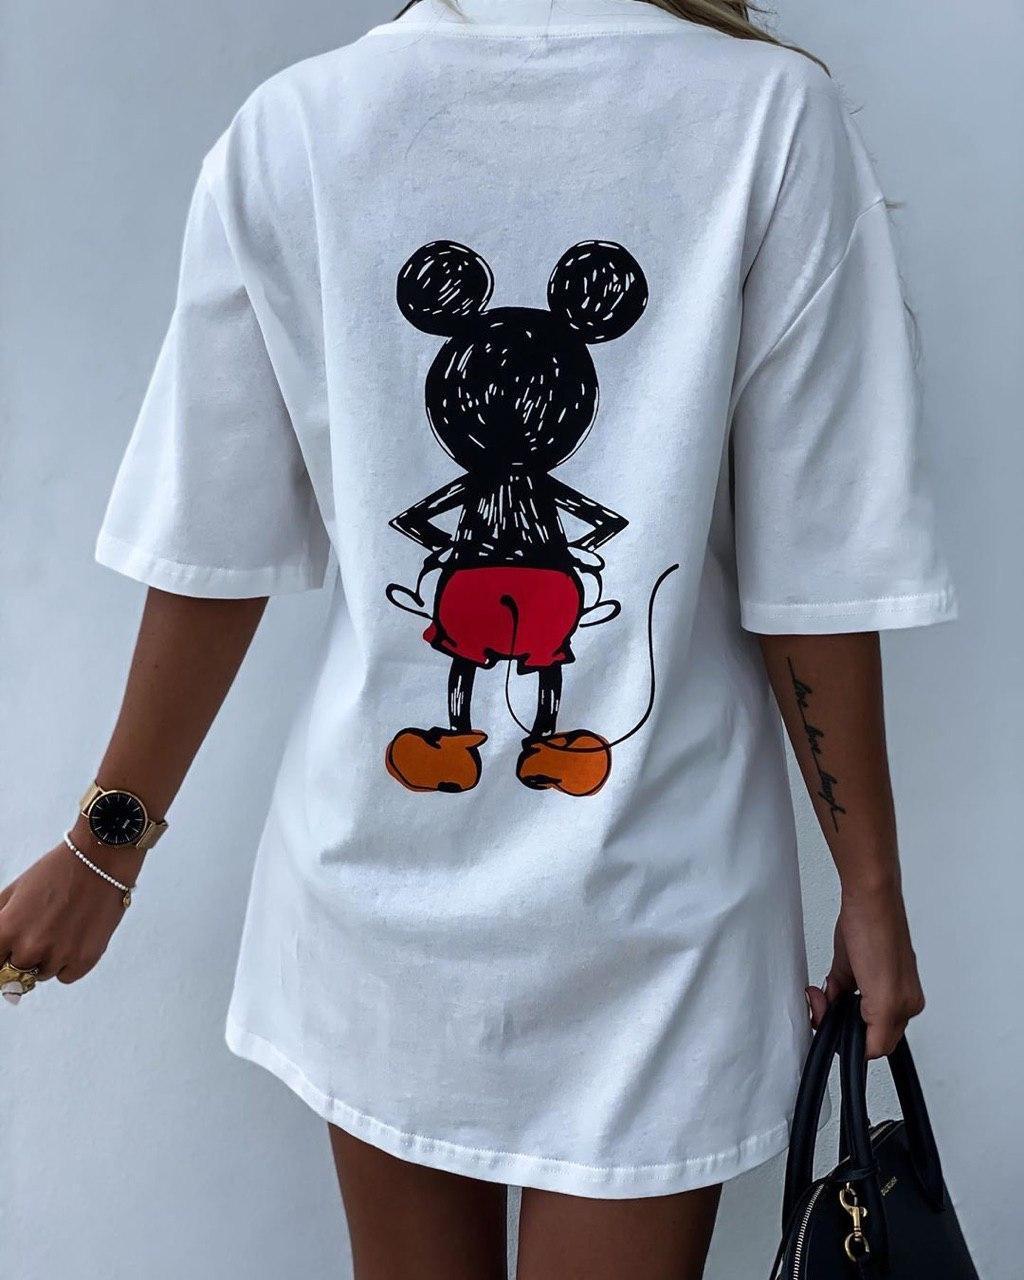 Летнее платье футболка свободное с микки маусом белое и черное